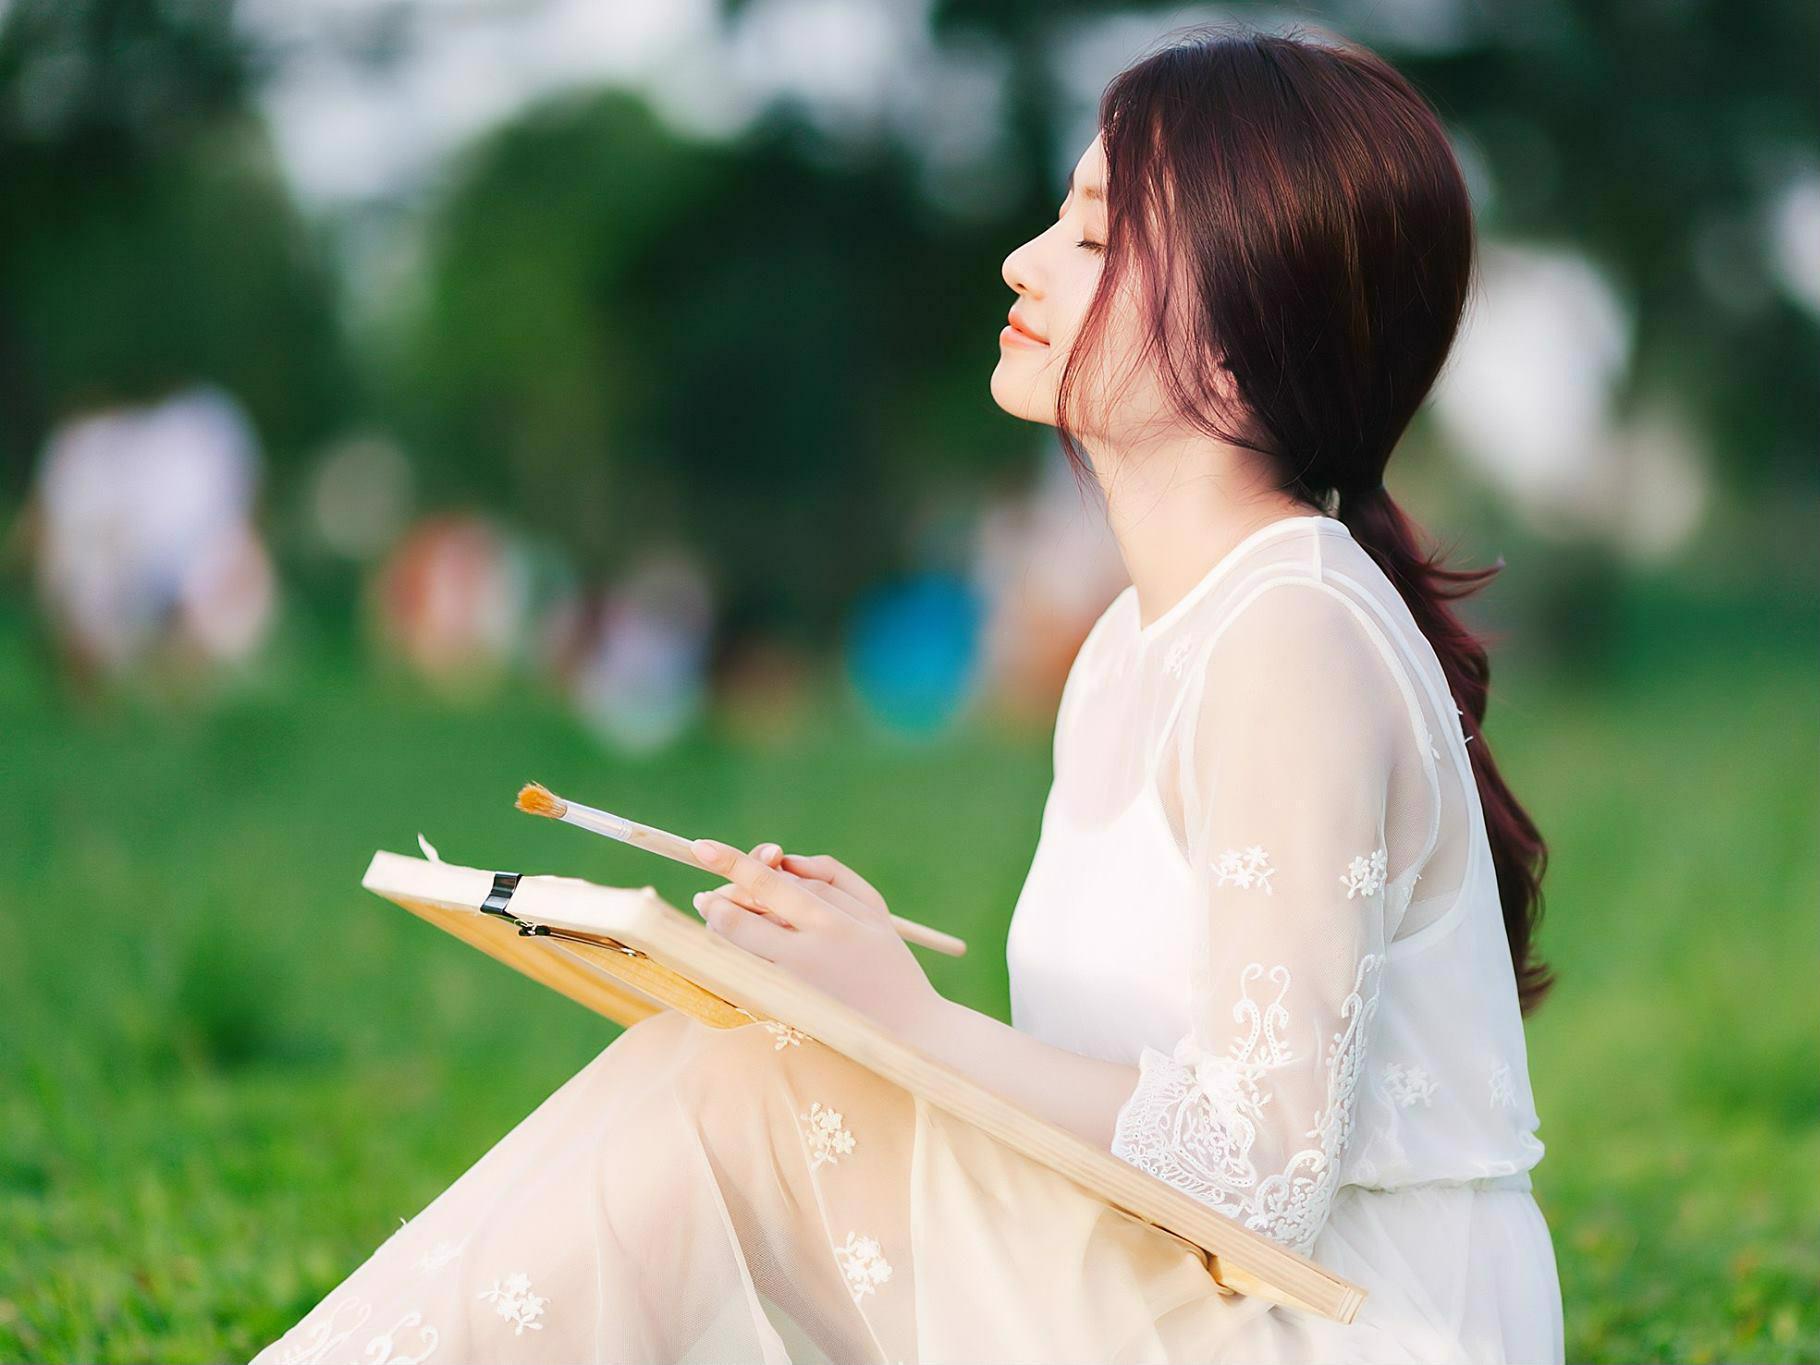 5 nguyên tắc sống đàn bà phải khắc cốt ghi tâm để cuối đời không phải hối hận về bất cứ điều gì